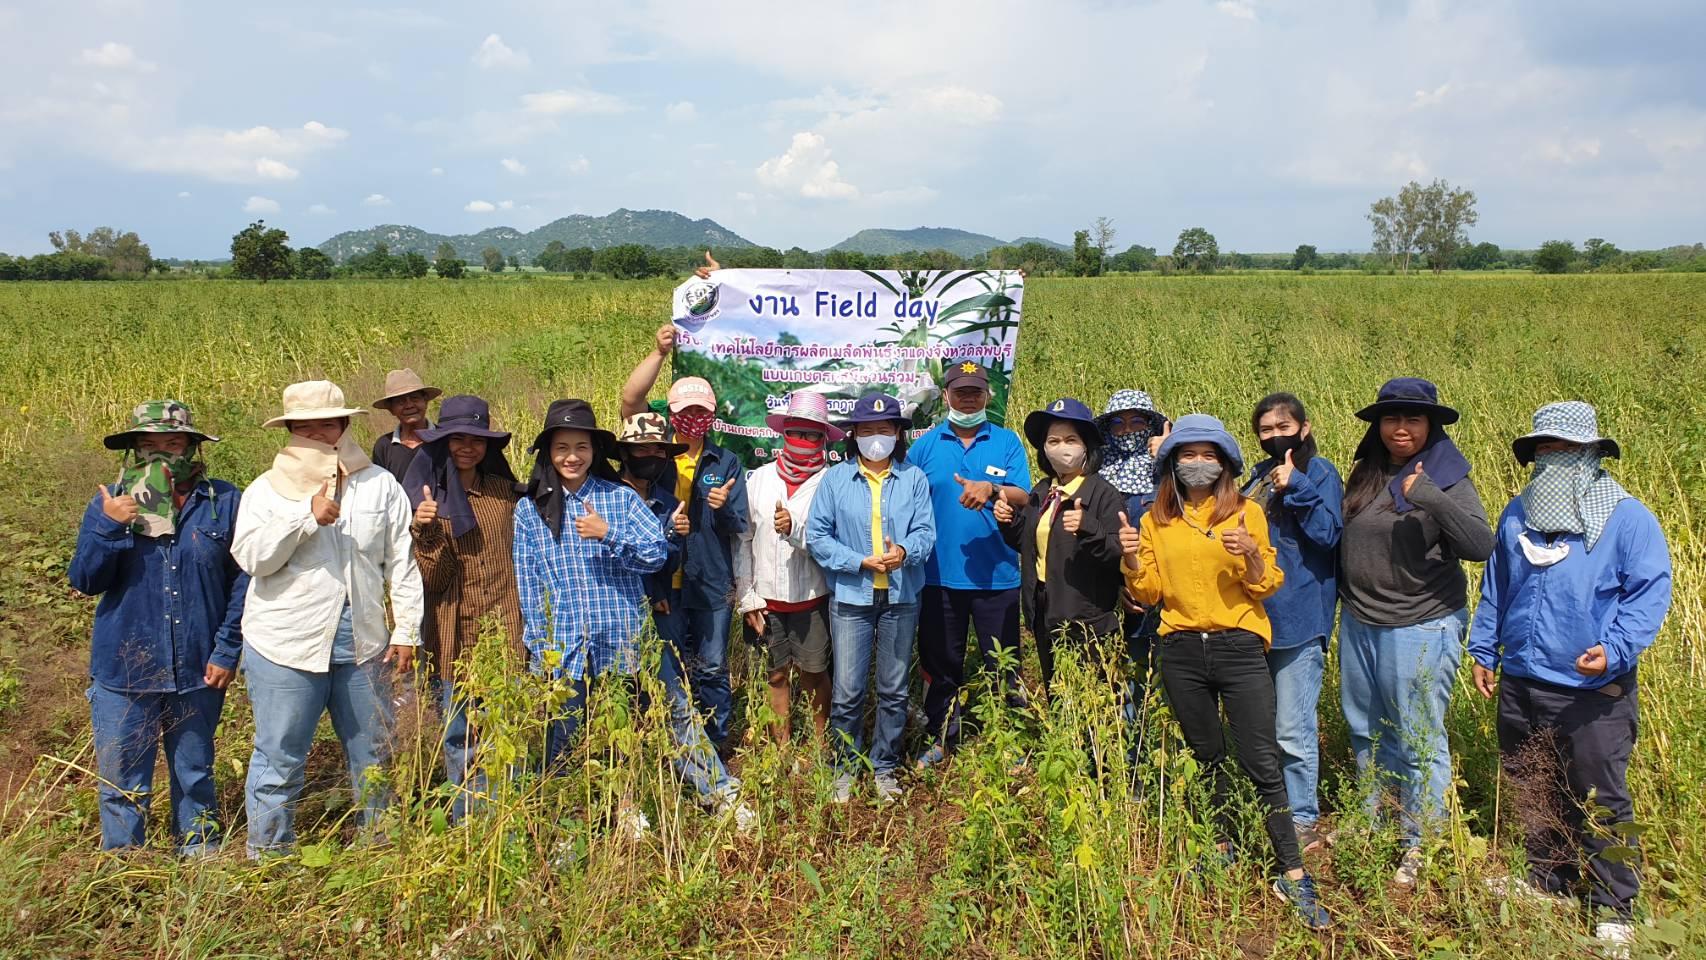 โครงการเปิดโอกาสให้ประชาชนมีส่วนร่วมในการบริหารราชการ (การผลิตเมล็ดพันธุ์งา)